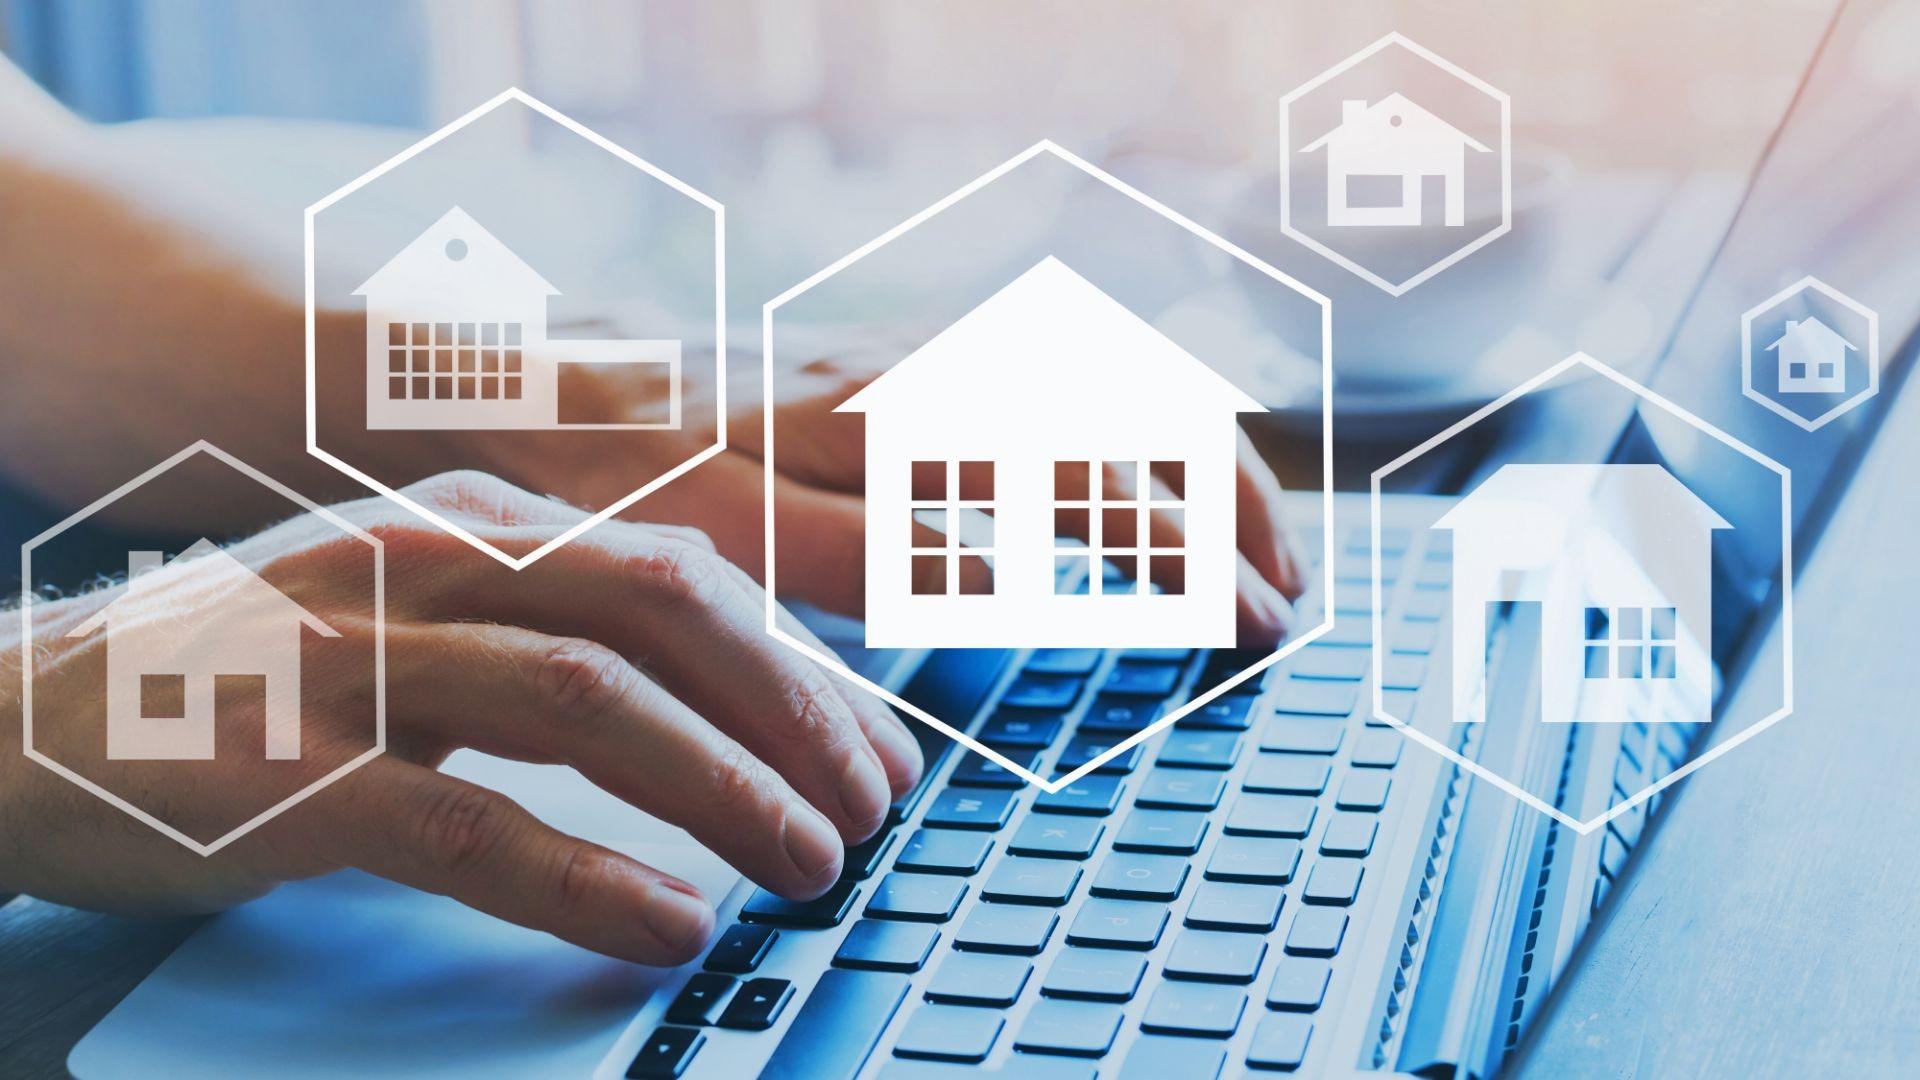 Inmobiliaria en Ciempozuelos, servicios integrales